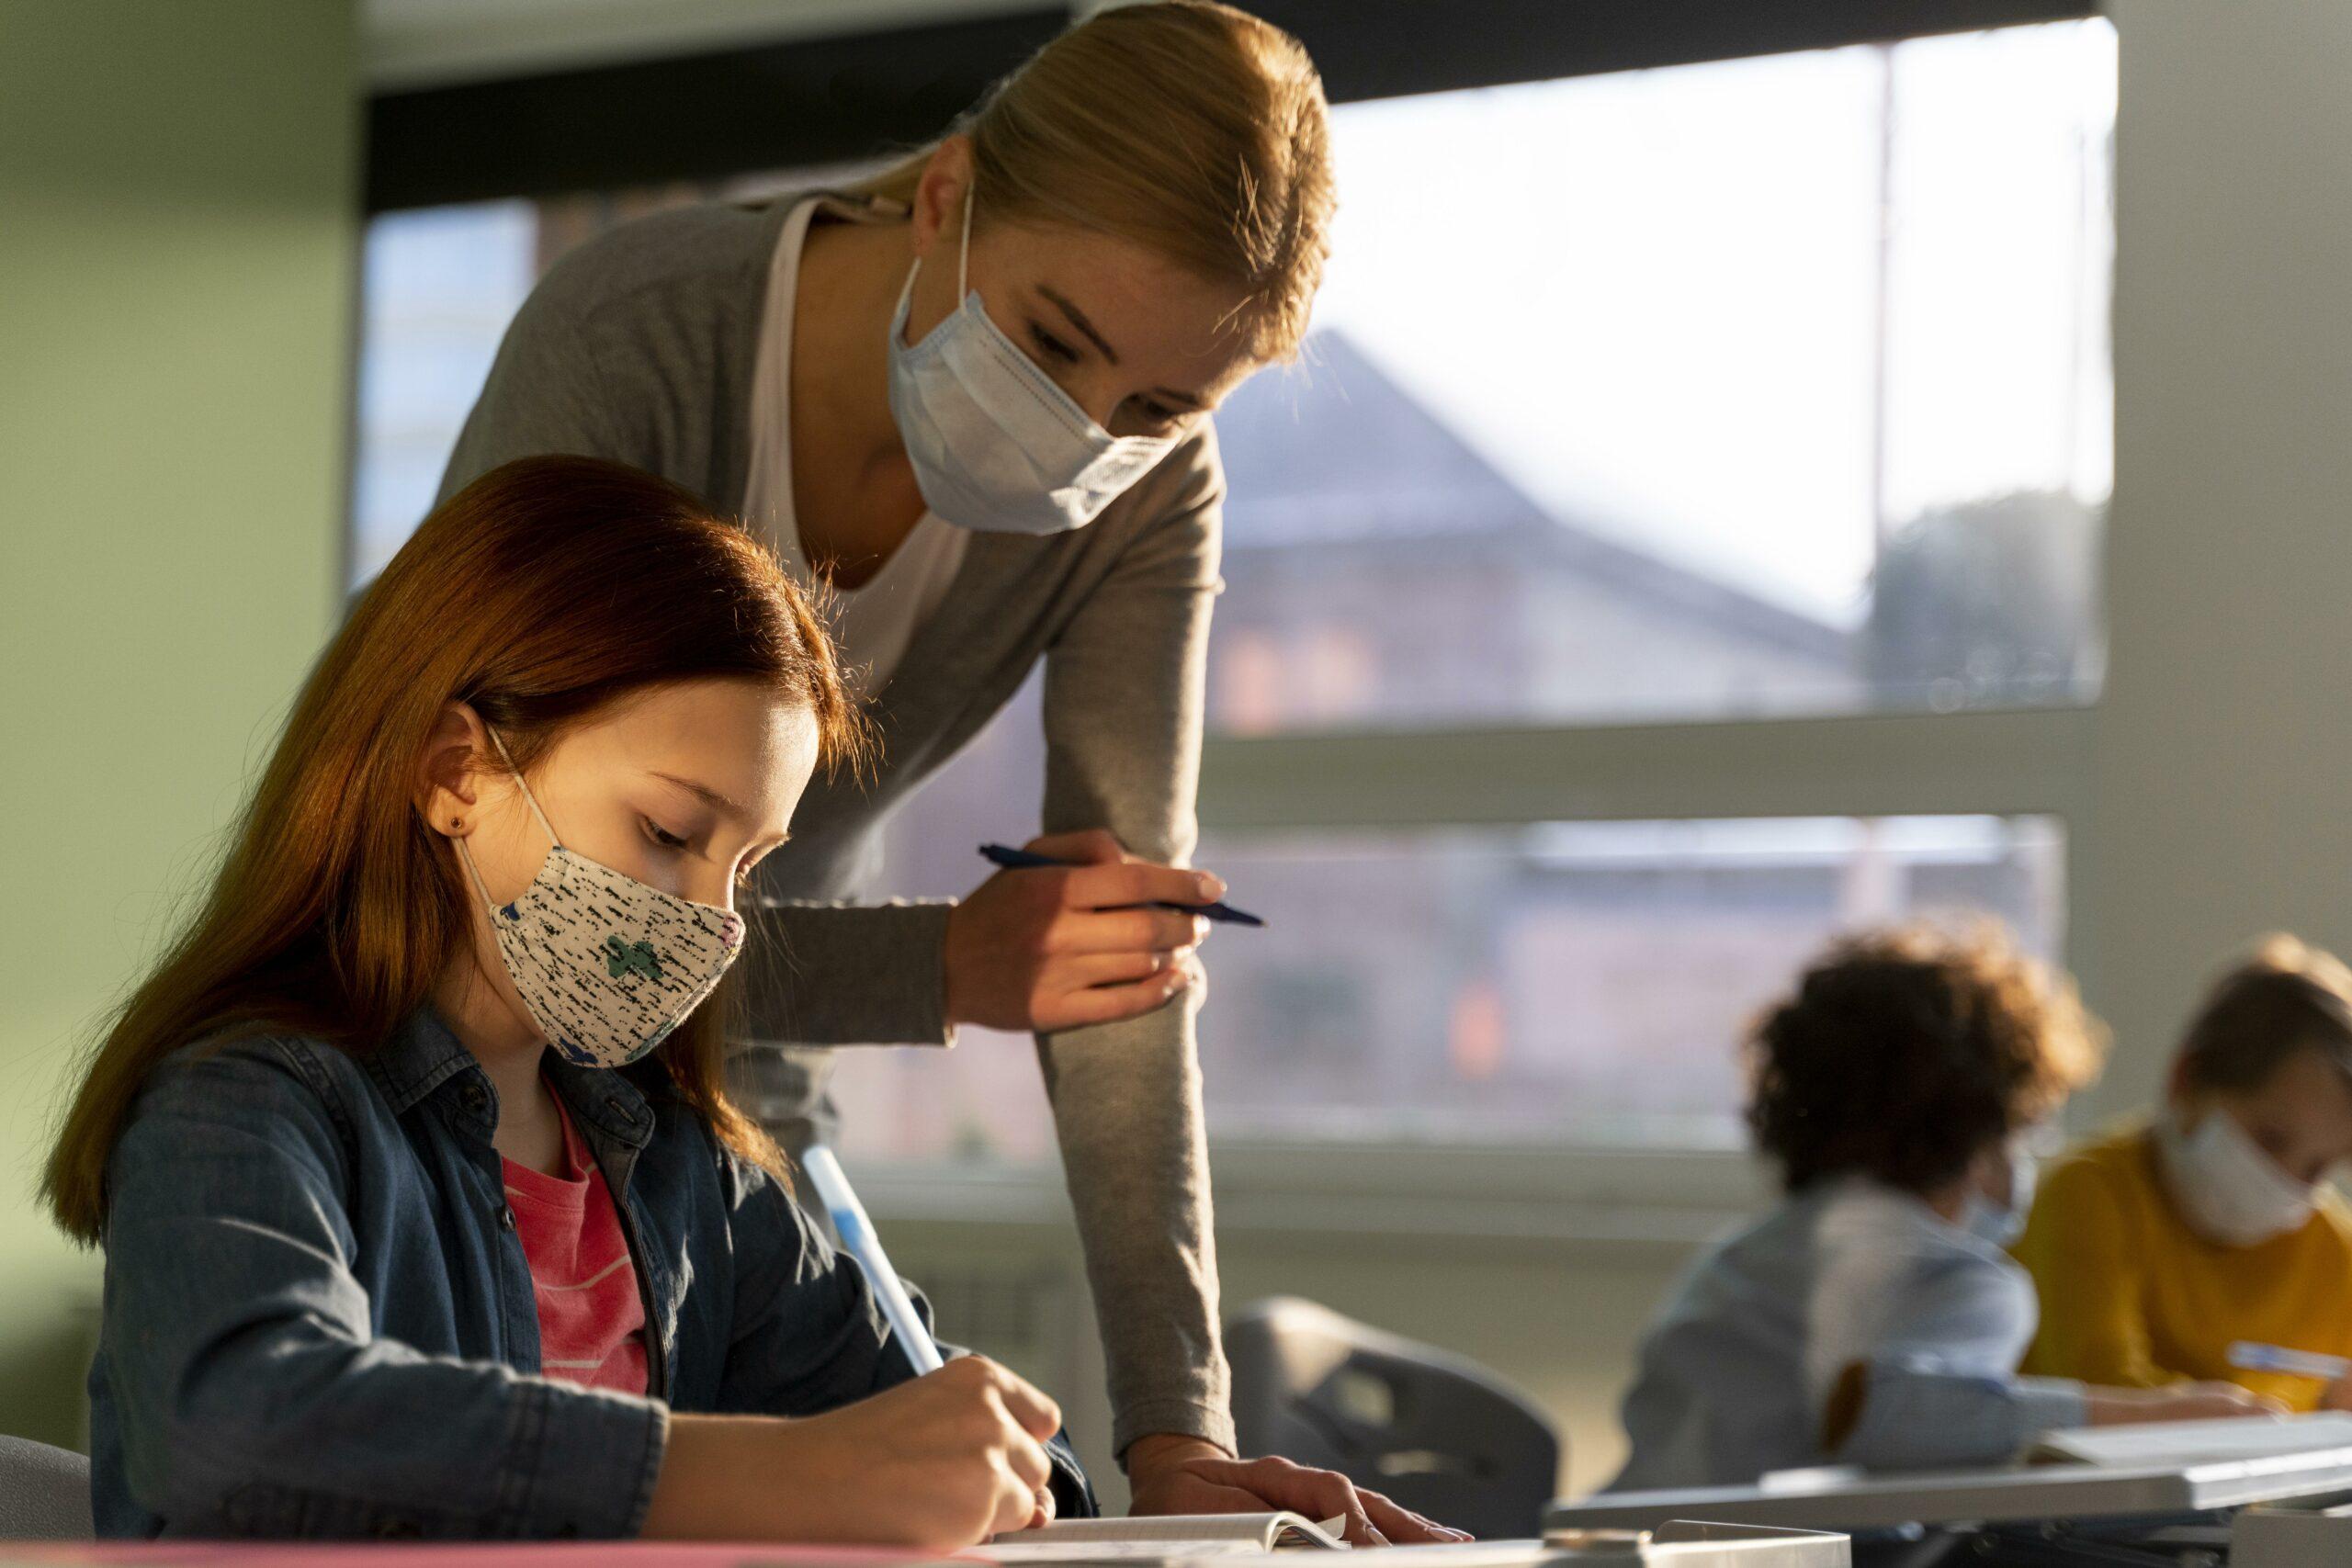 Lesgeven zonder regen, koude of lawaai? Ga voor een aangenaam en veilig klimaat in je klaslokaal met de Life Comfort Luchtfilter